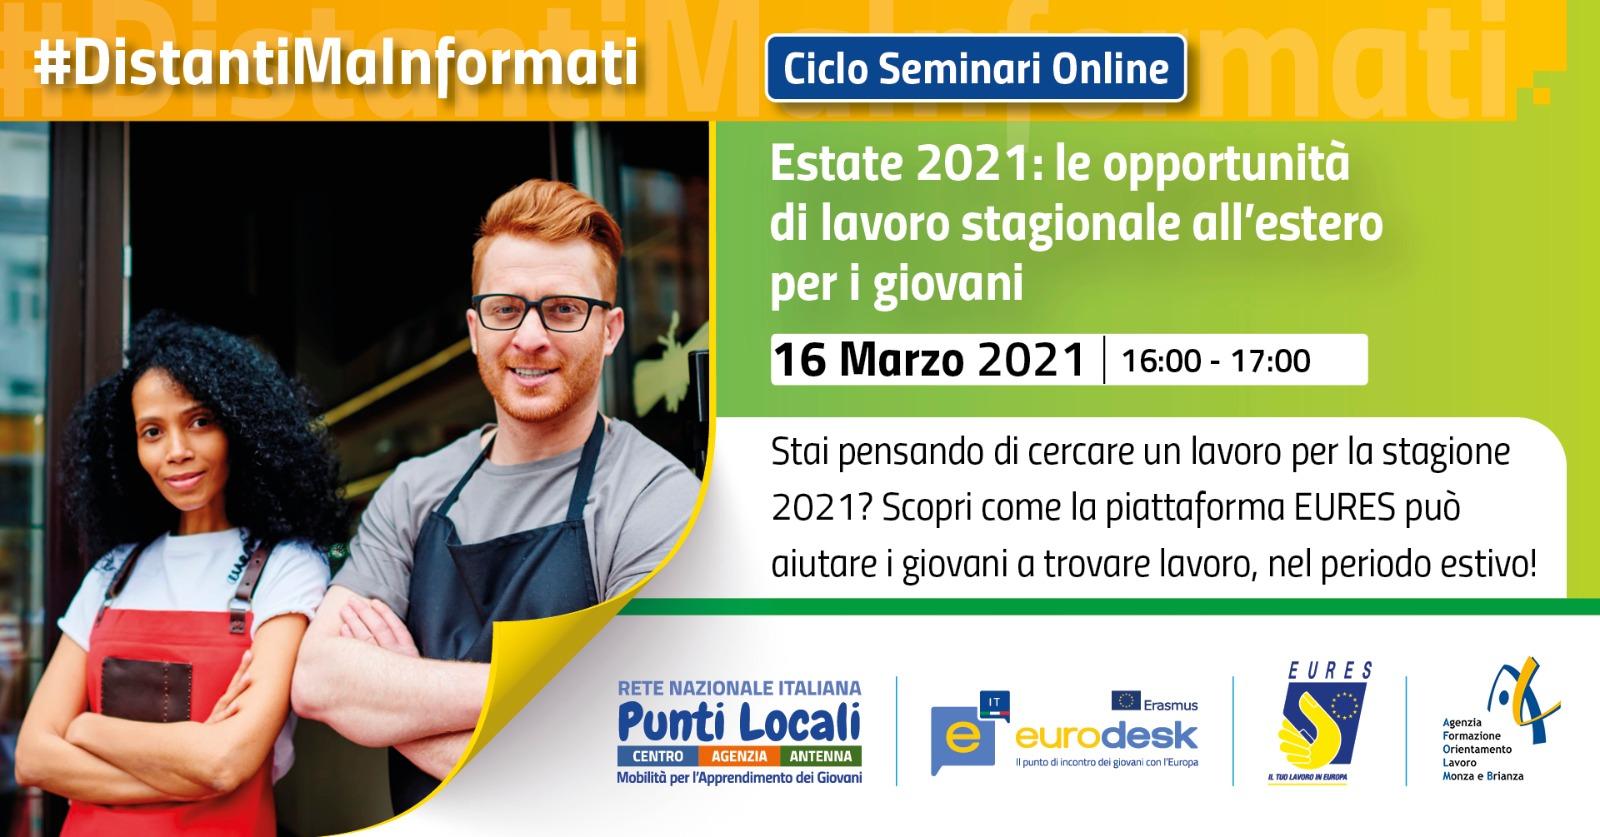 Estate 2021: le opportunità di lavoro stagionale all'estero per i giovani